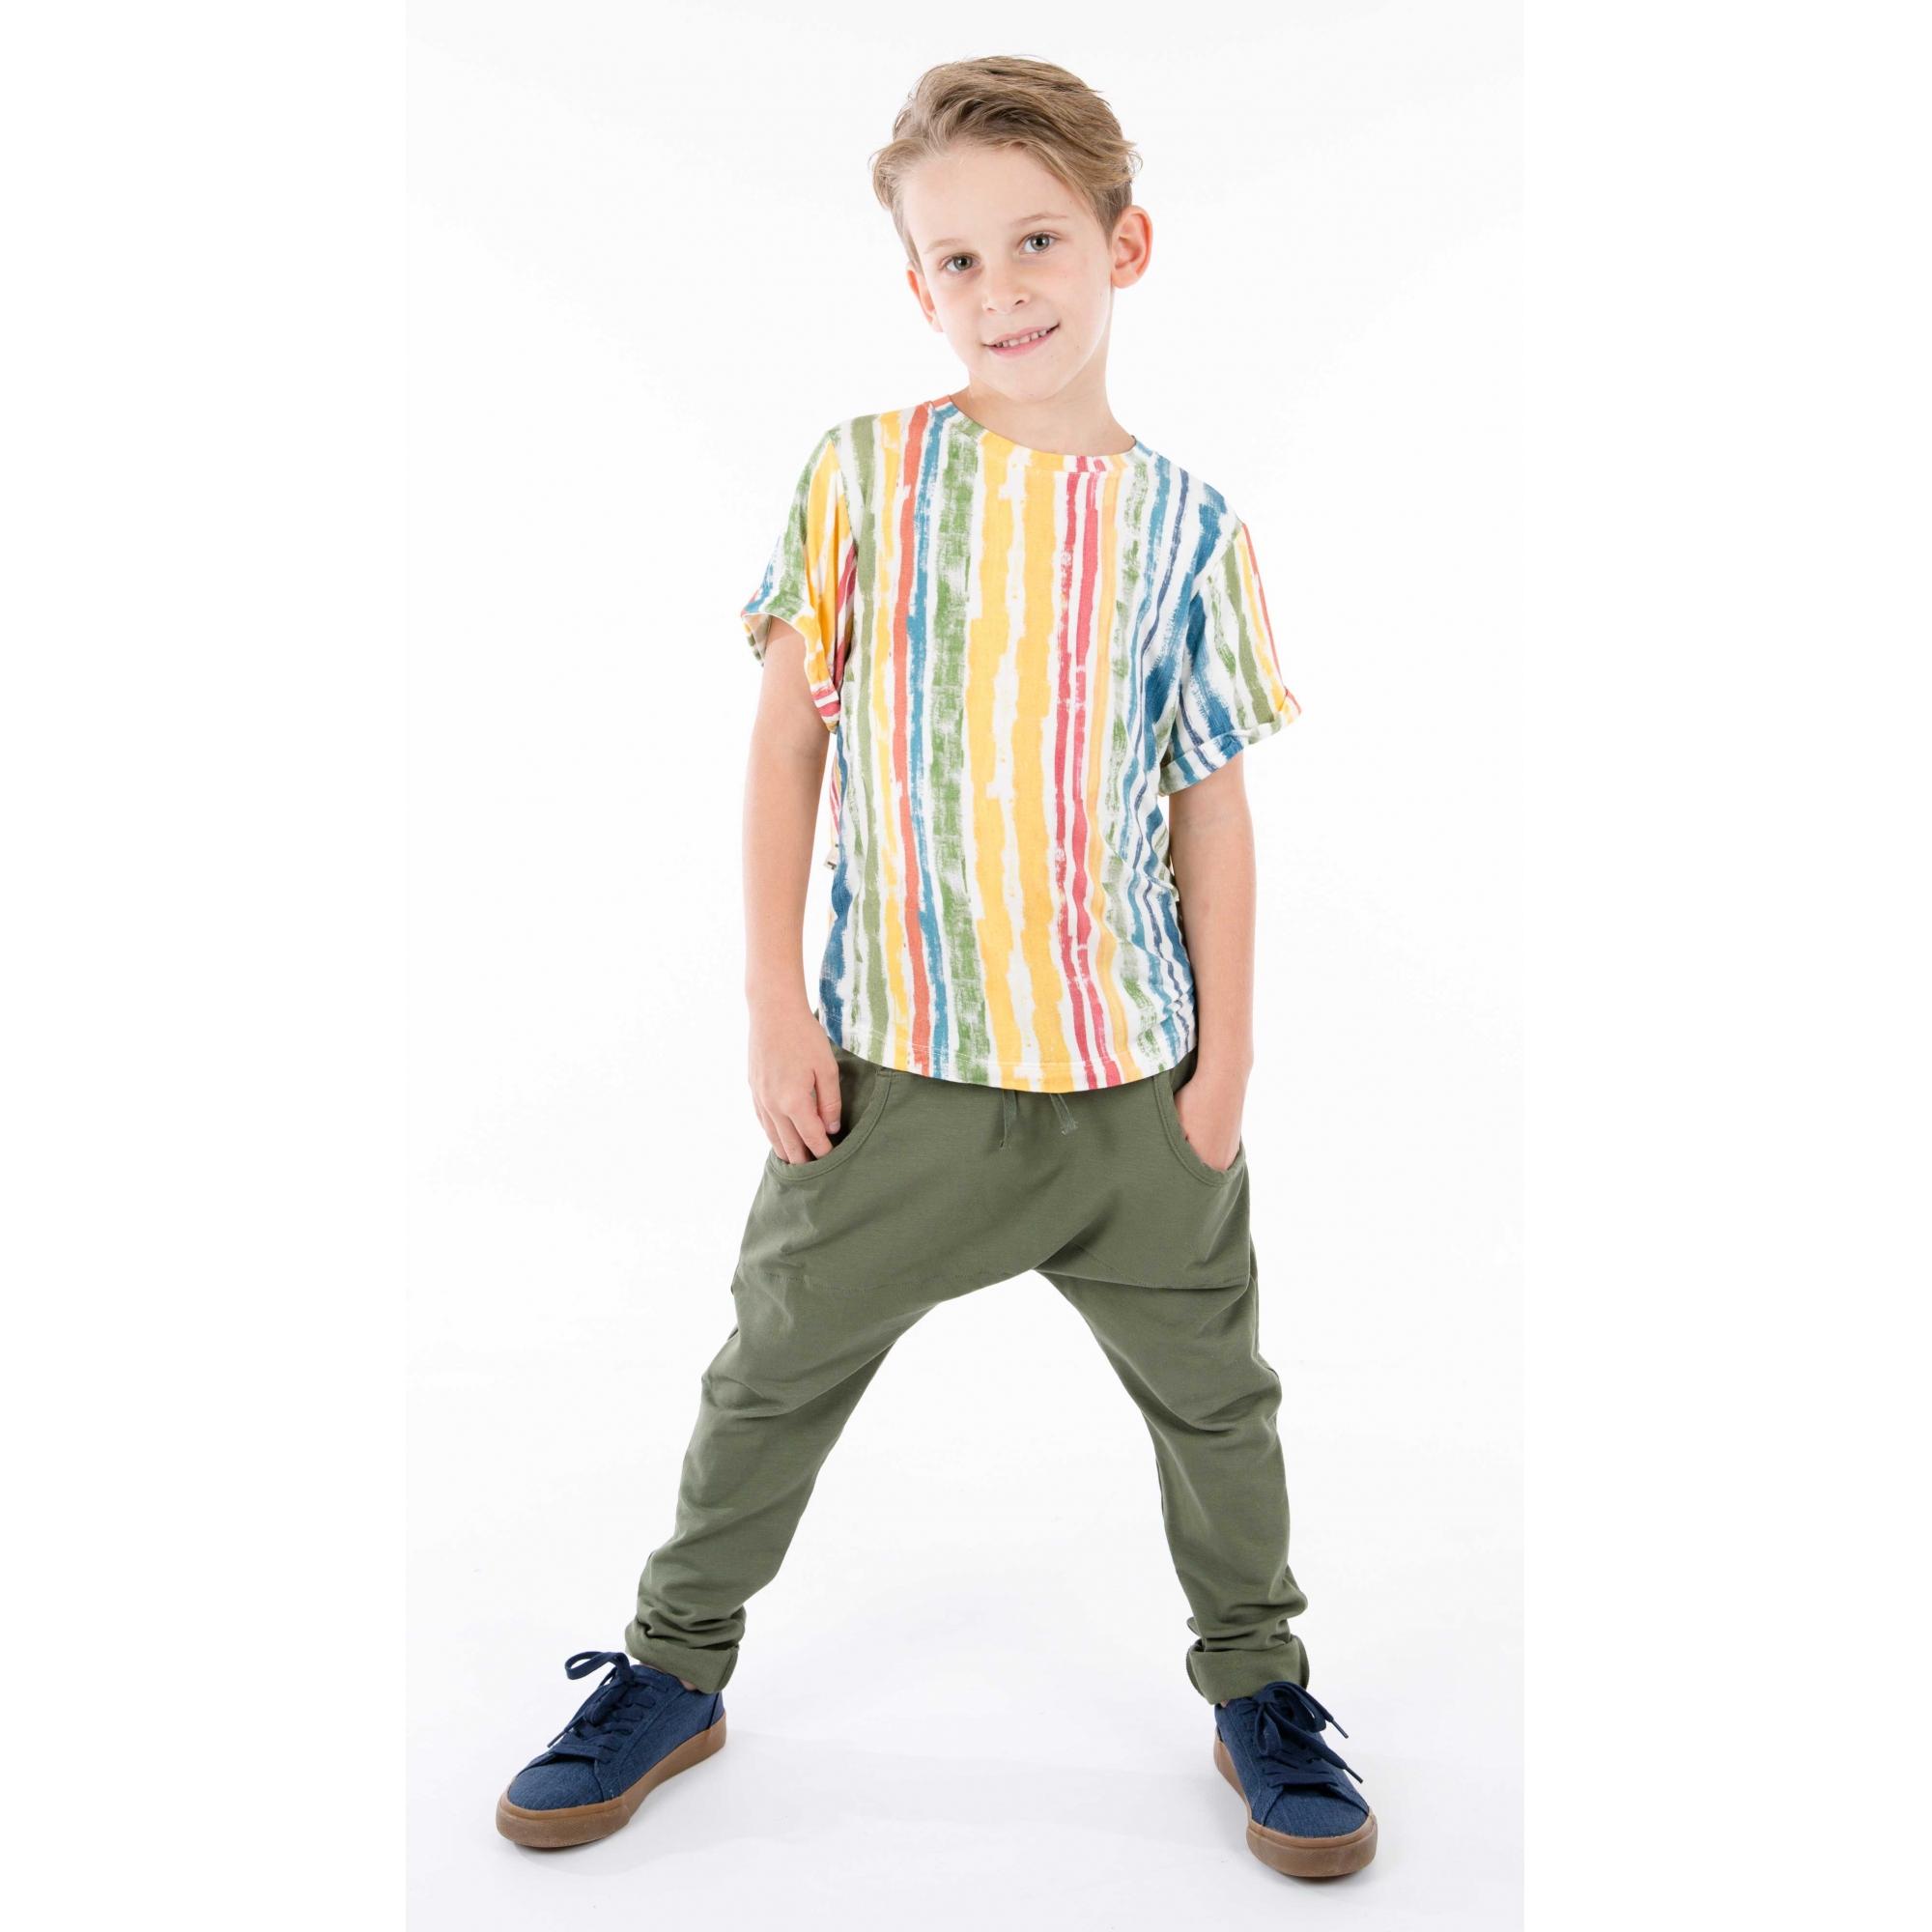 Calça infantil saruel bolso verde